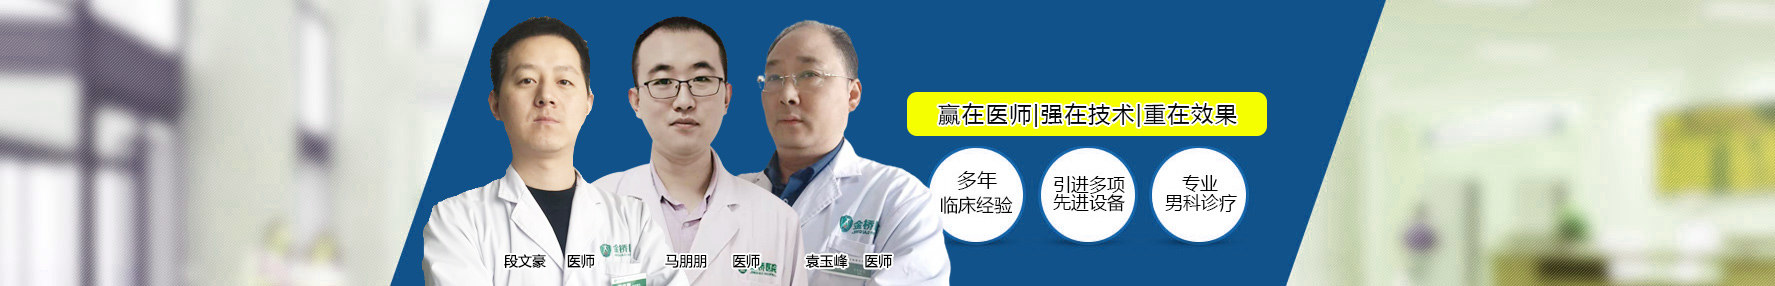 天津治疗早泄在线视频偷国产精品